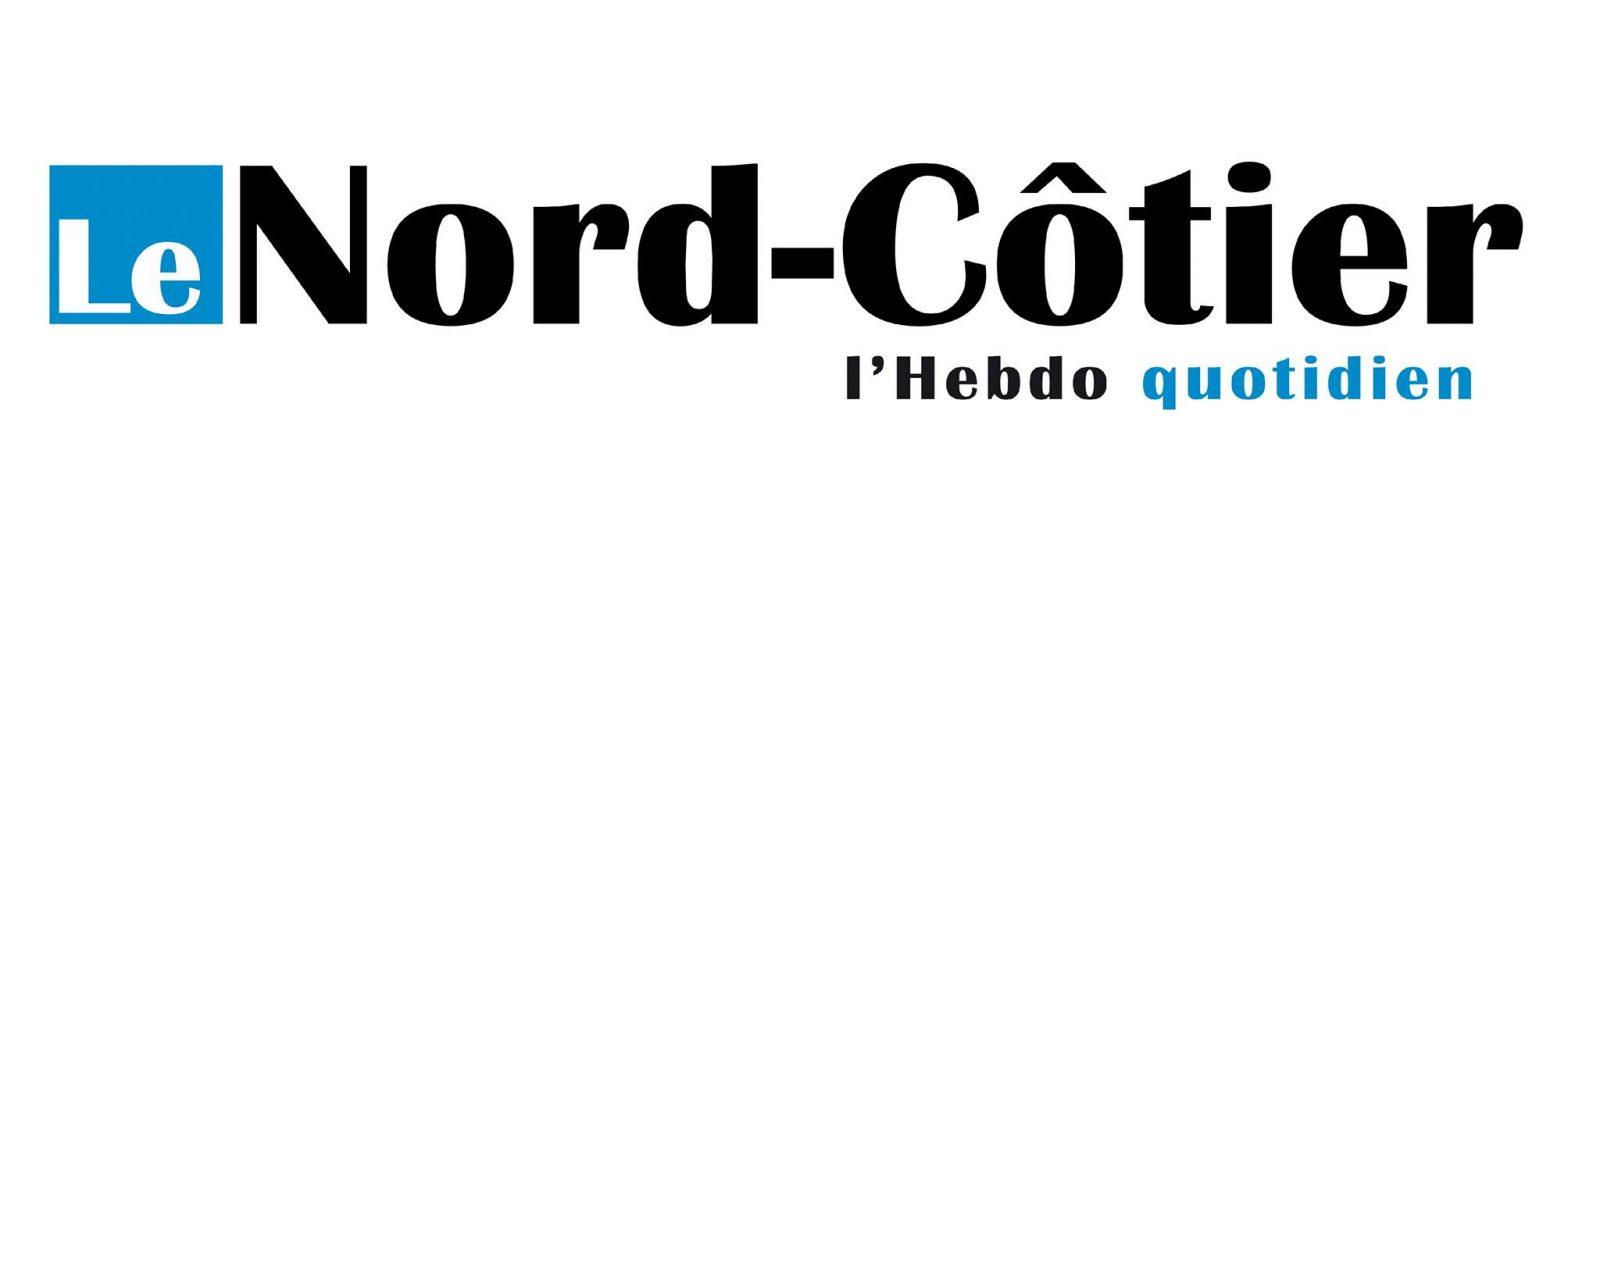 Le Nord-Côtier est à la recherche d'un(e) JOURNALISTE